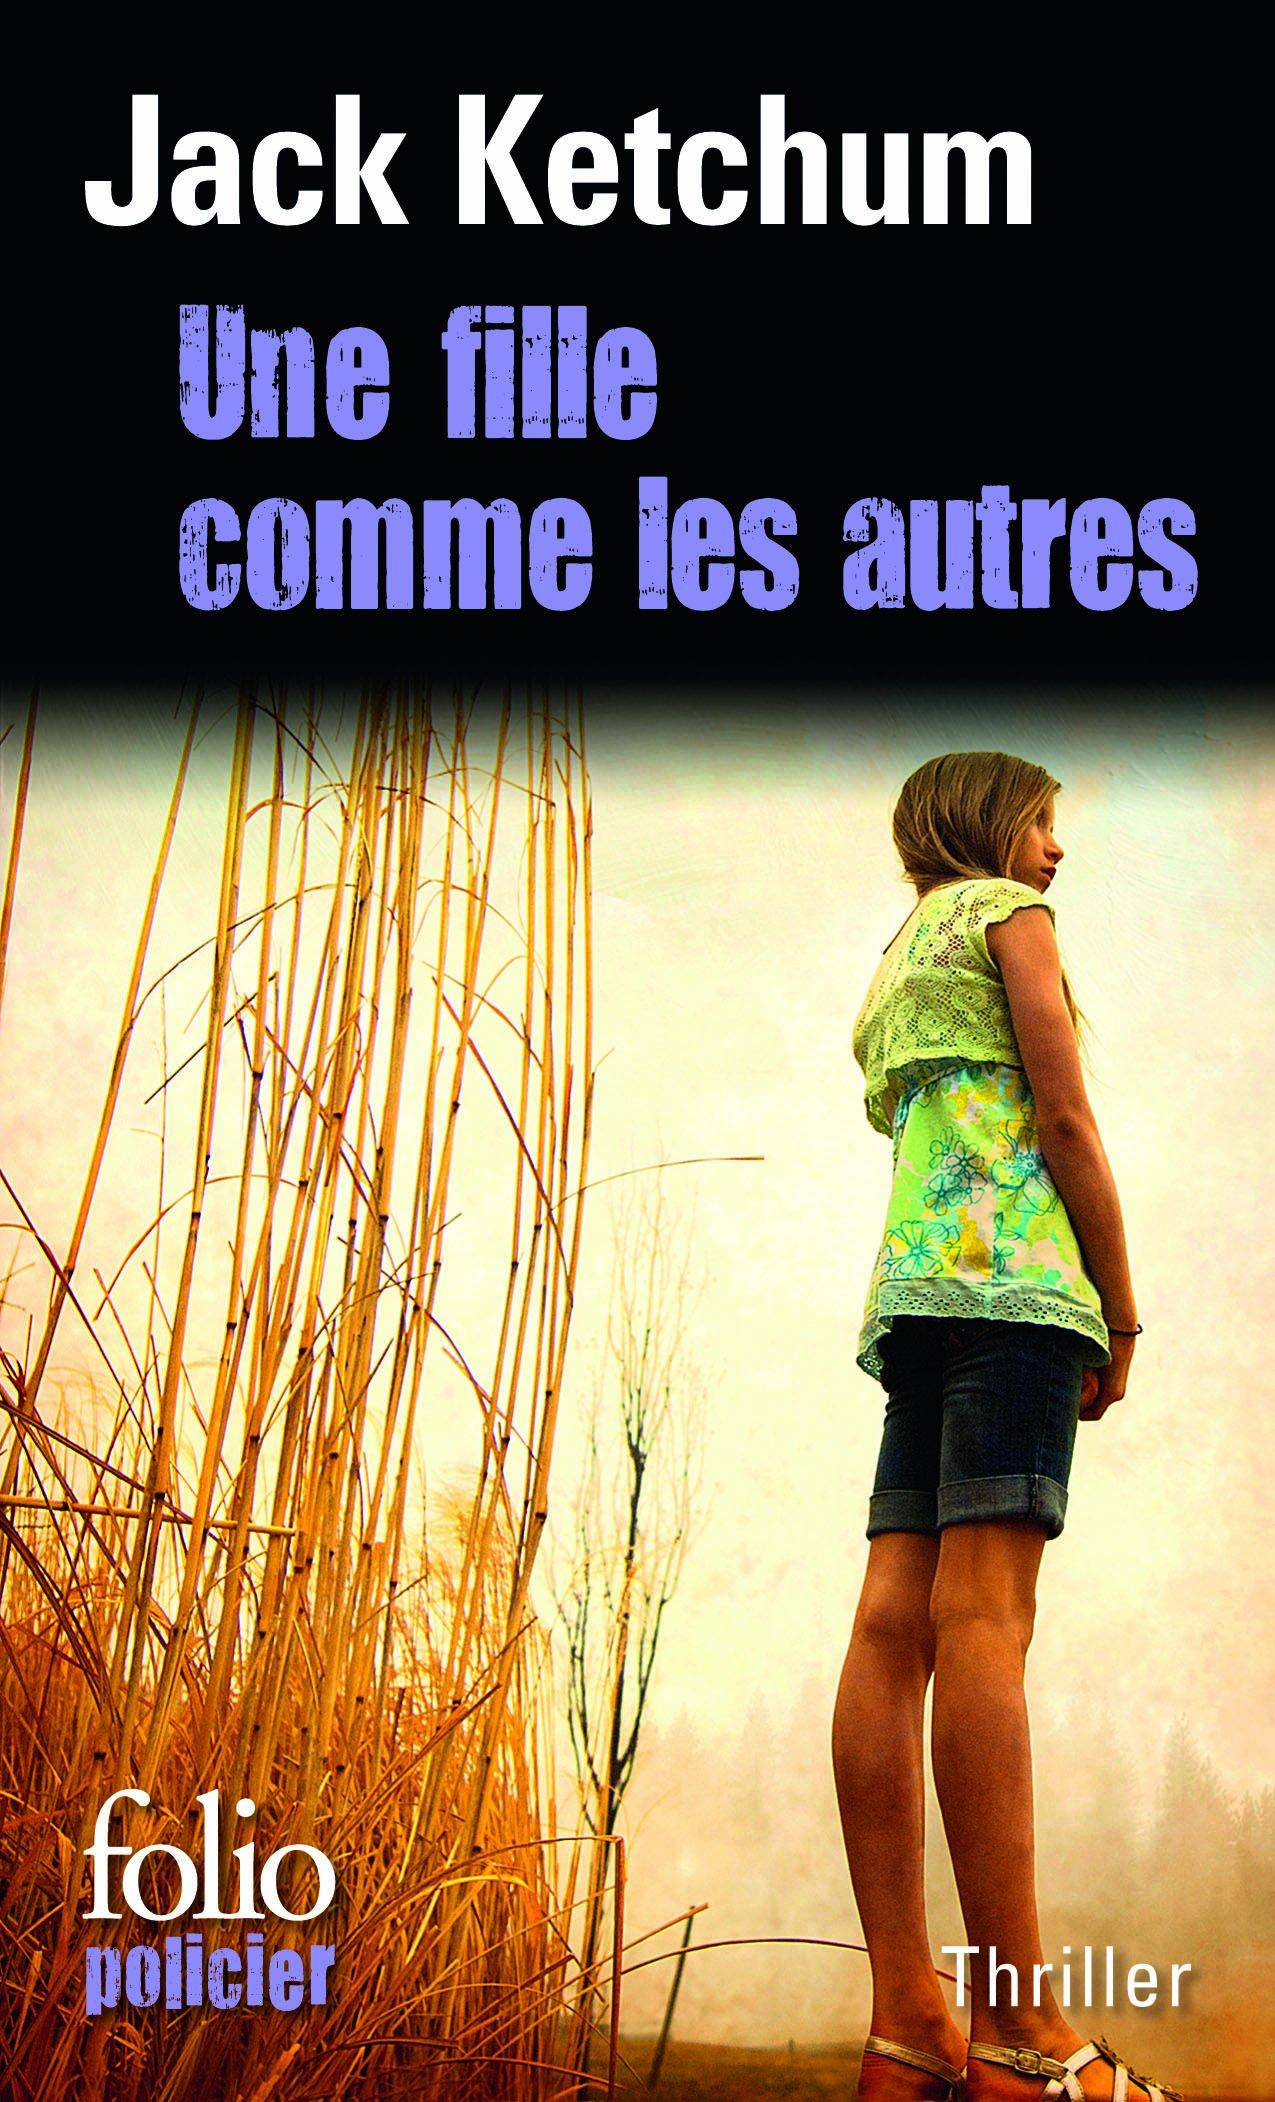 UNE FILLE COMME LES AUTRES: JACK KETCHUM: 9782070453115: Books - Amazon.ca